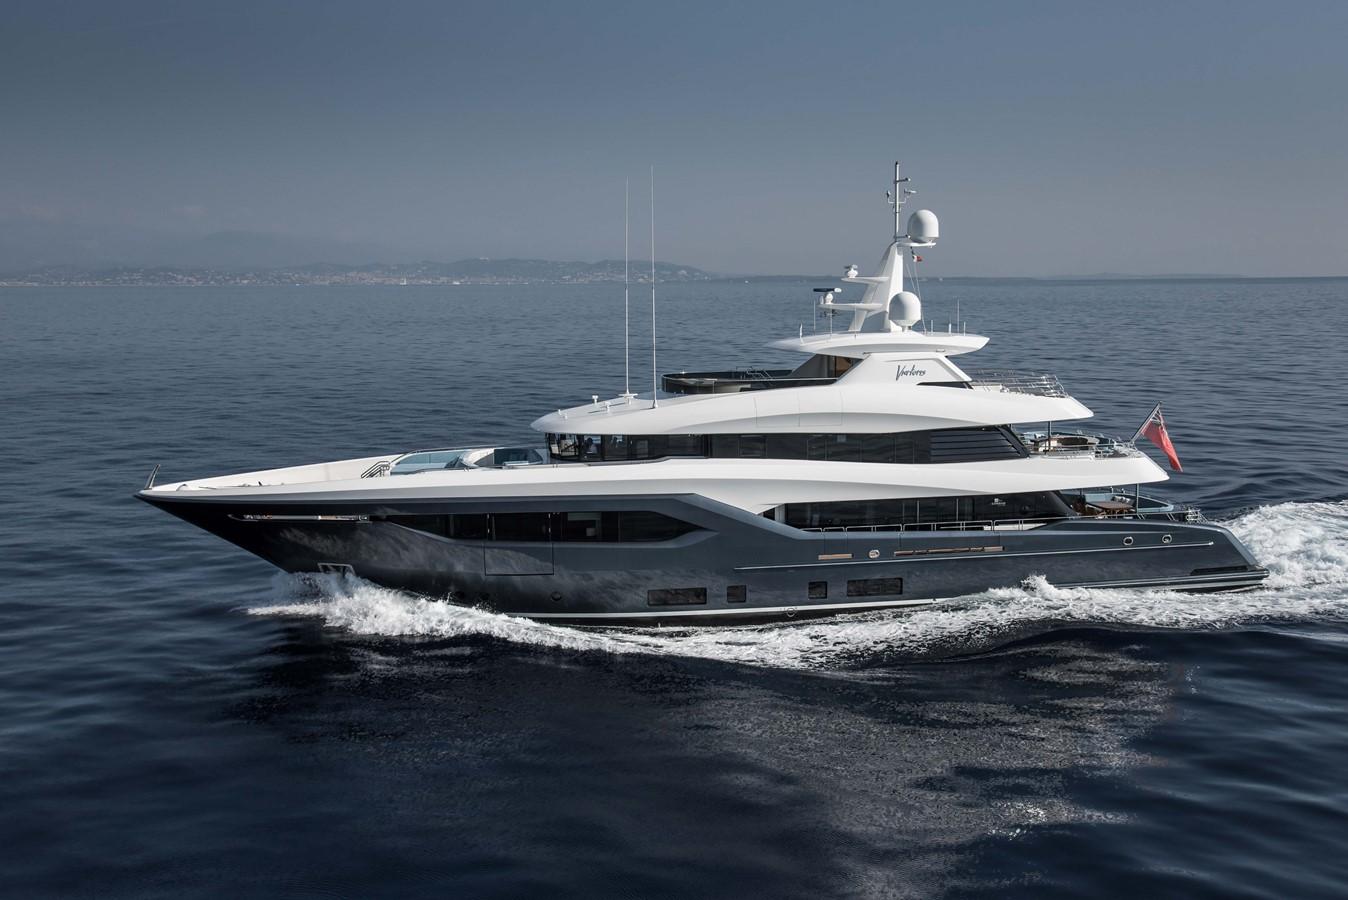 2018 Conrad Shipyard Yacht For Sale 131 3 Mega Yacht Sibenik 252149 Yatco